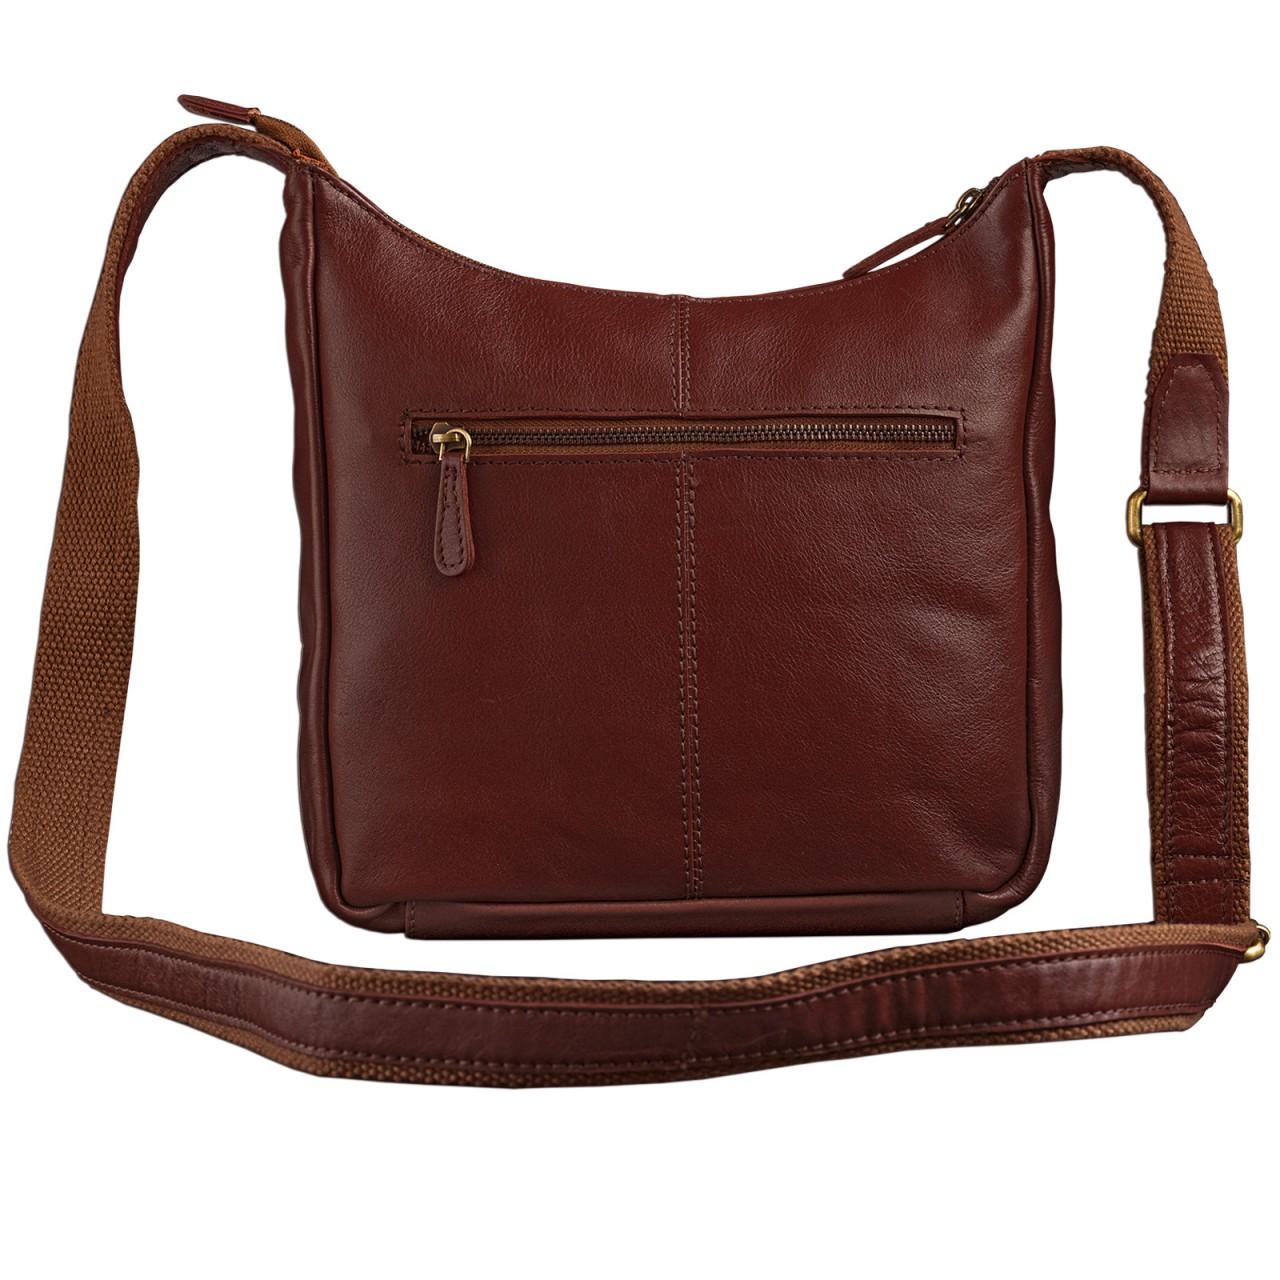 STILORD kleine Lederhandtasche Umhängetasche Vintage Handtasche mit verstellbarem Schulterriemen aus weichem Antik Leder Damen - Bild 11